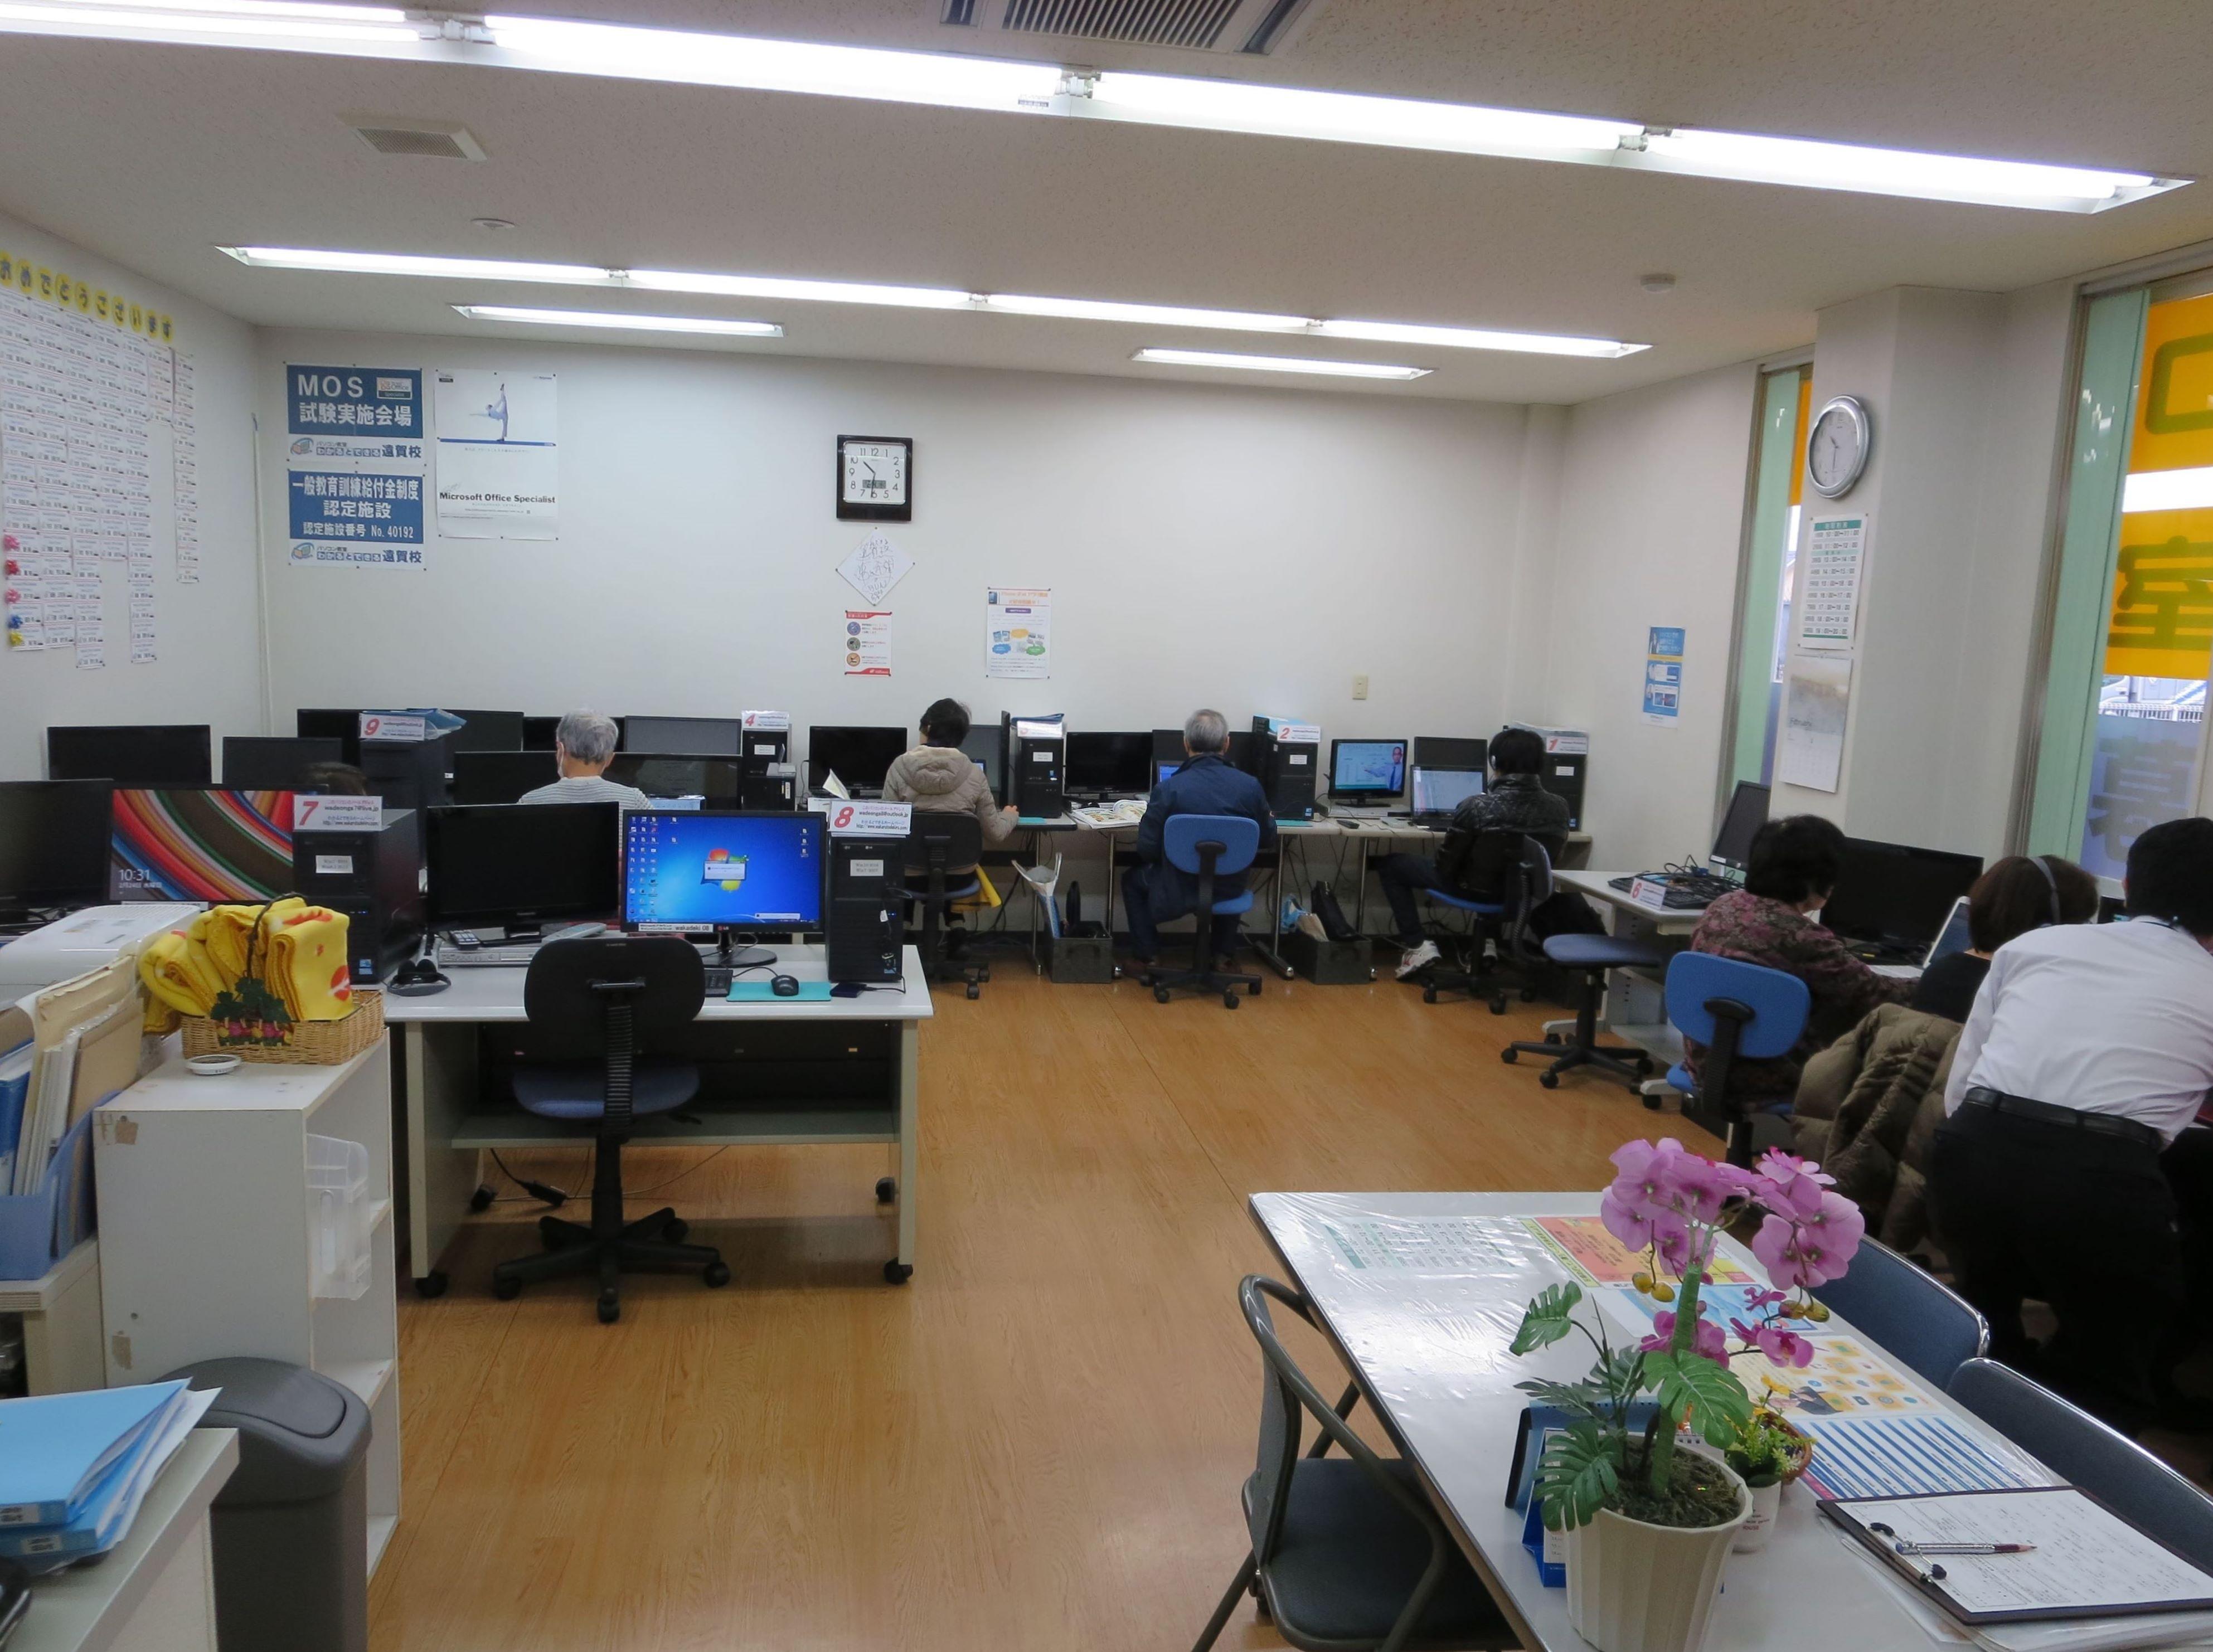 パソコン教室わかるとできる 遠賀校 のアルバイト情報